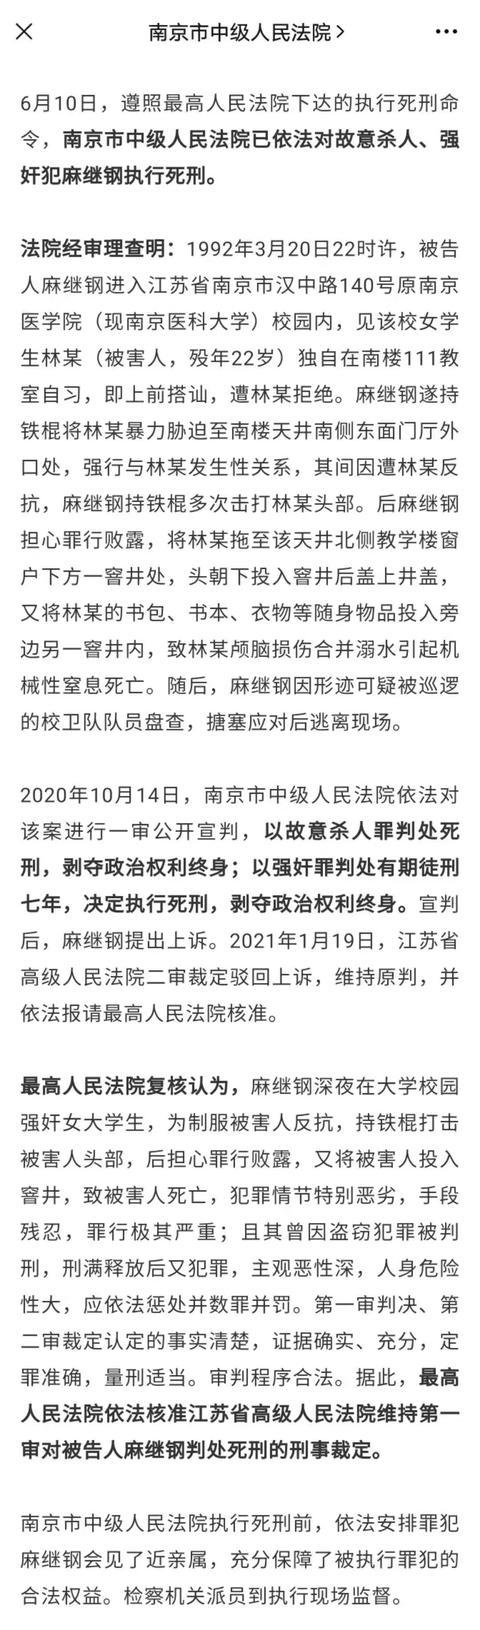 已执行死刑!原南京医学院女学生被杀案,历时28年告破 全球新闻风头榜 第2张